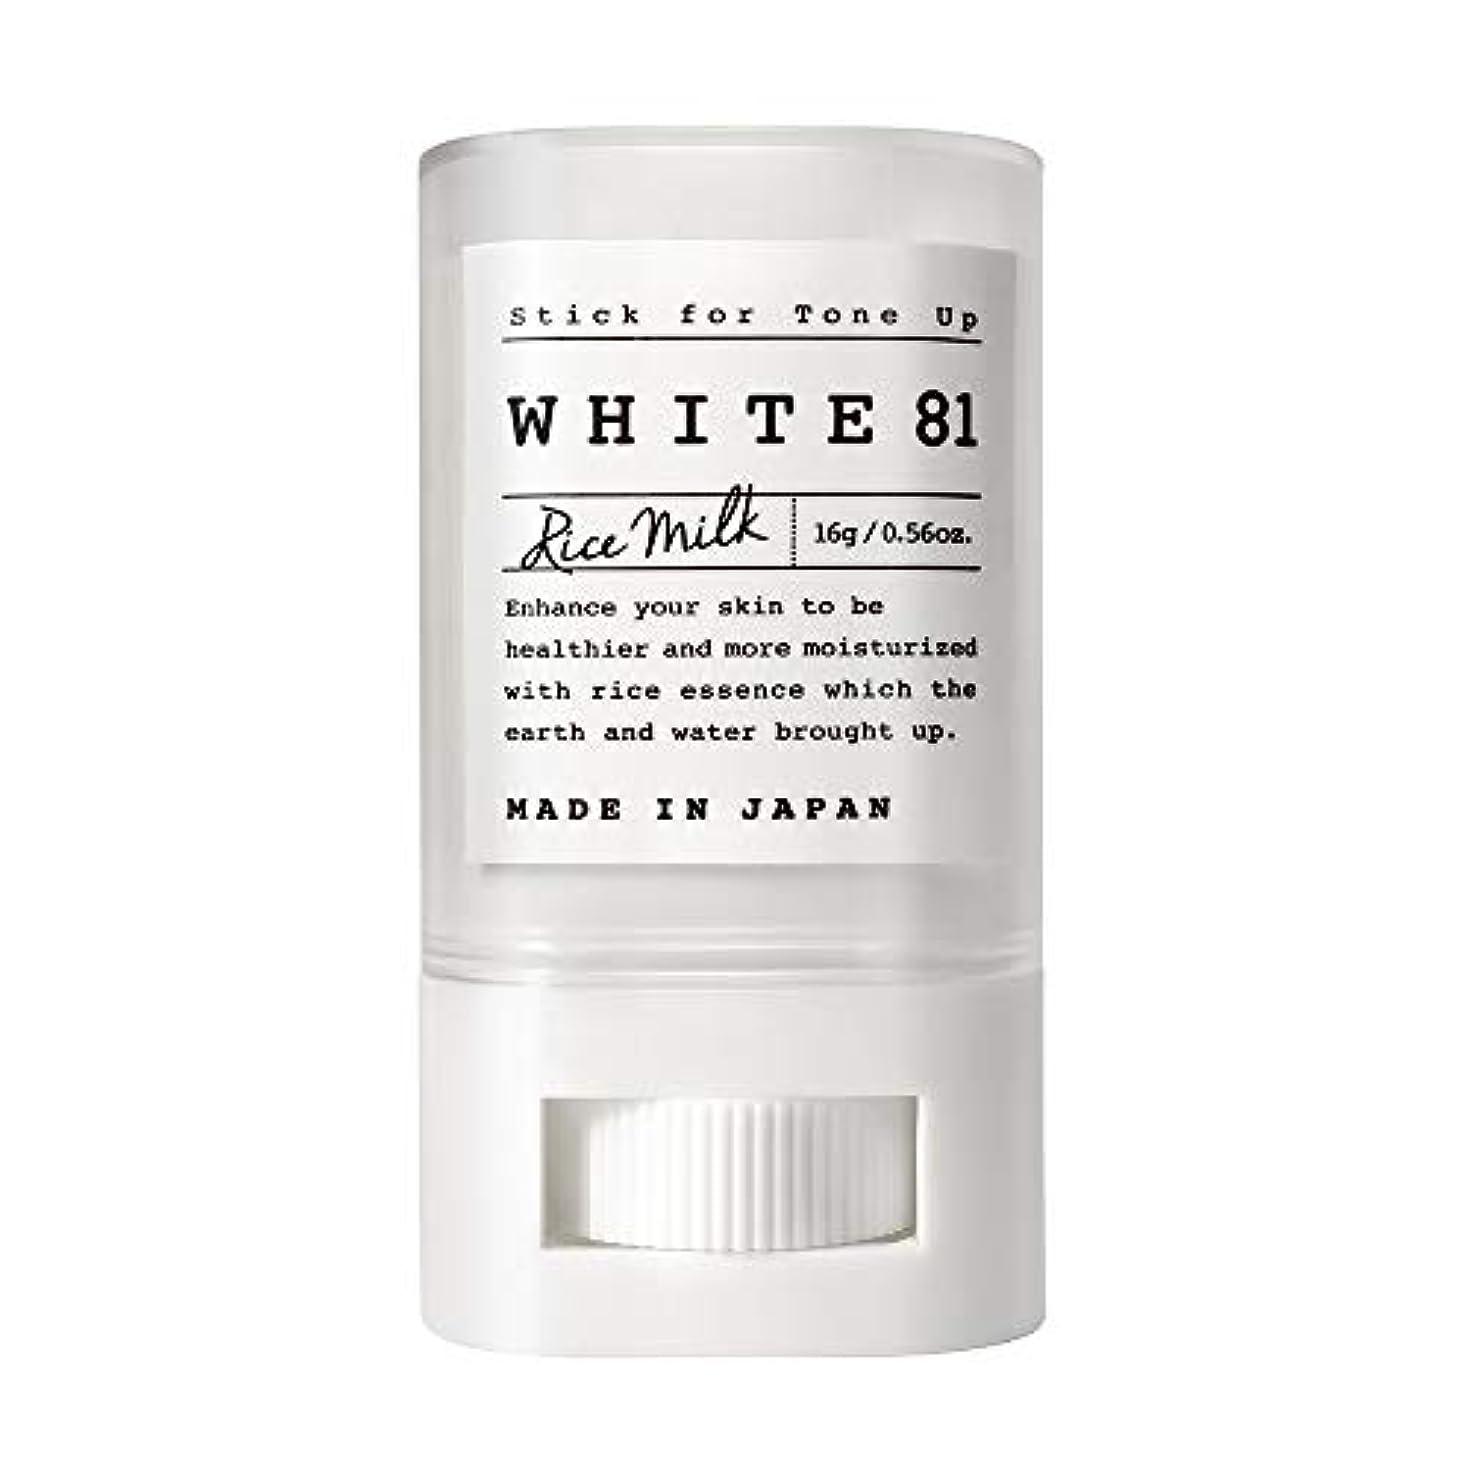 魅了する結婚するパイントWHITE81 ホワイト81 トーンアップスティック(化粧下地?日焼け止め / SPF35?PA+++?ウォータープルーフ?複合保湿成分配合?肌に優しい6種のフリー / 日本製)